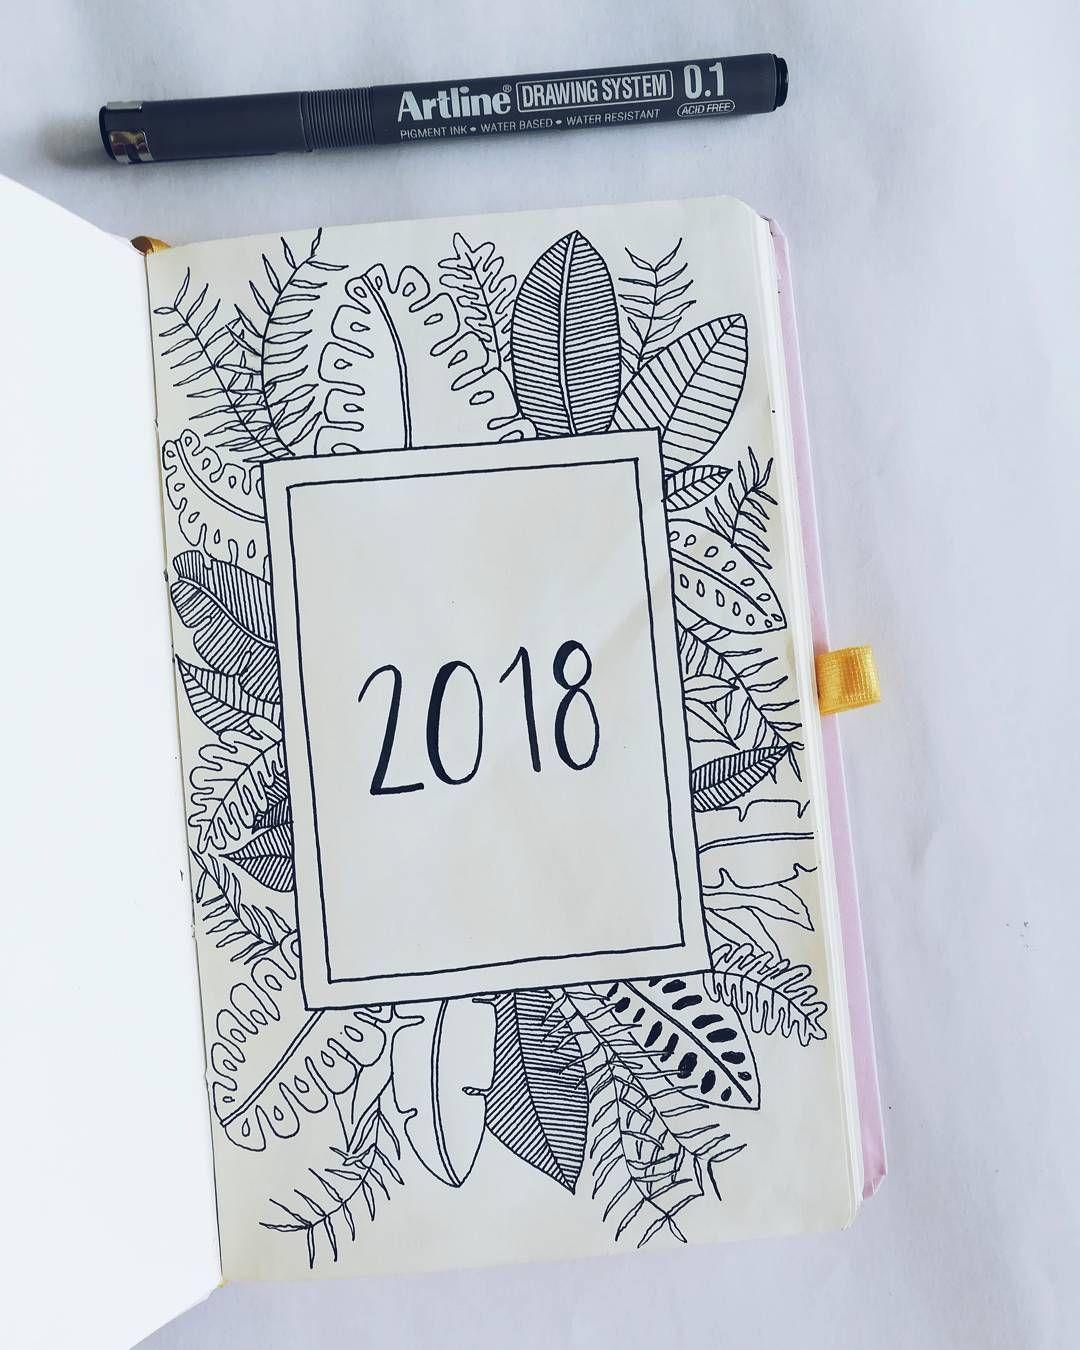 Se vale perderse un poquito el 1 de enero, verdad? 😎. Esta es la portada de mi Bullet Journal del 2018 ✨. Sigo con el tema de hojas y flores porque estoy dispuesta a mejorar y dejar de tenerles miedo (es que se me hacen muy difíciles) pero podré con ellas, yo lo sé 🤸🌿🌸. . .  bulletjournaling  bulletjournal  Bujo  bujoinspo  bujoinspire  bulletjournalweekly  Bujo2018design   BulletJournalDesing  NewYear  BulletJournalIdeas  bujoweeklyspread  bulletjournaljunkies  bujoweekly  bulletjournalss